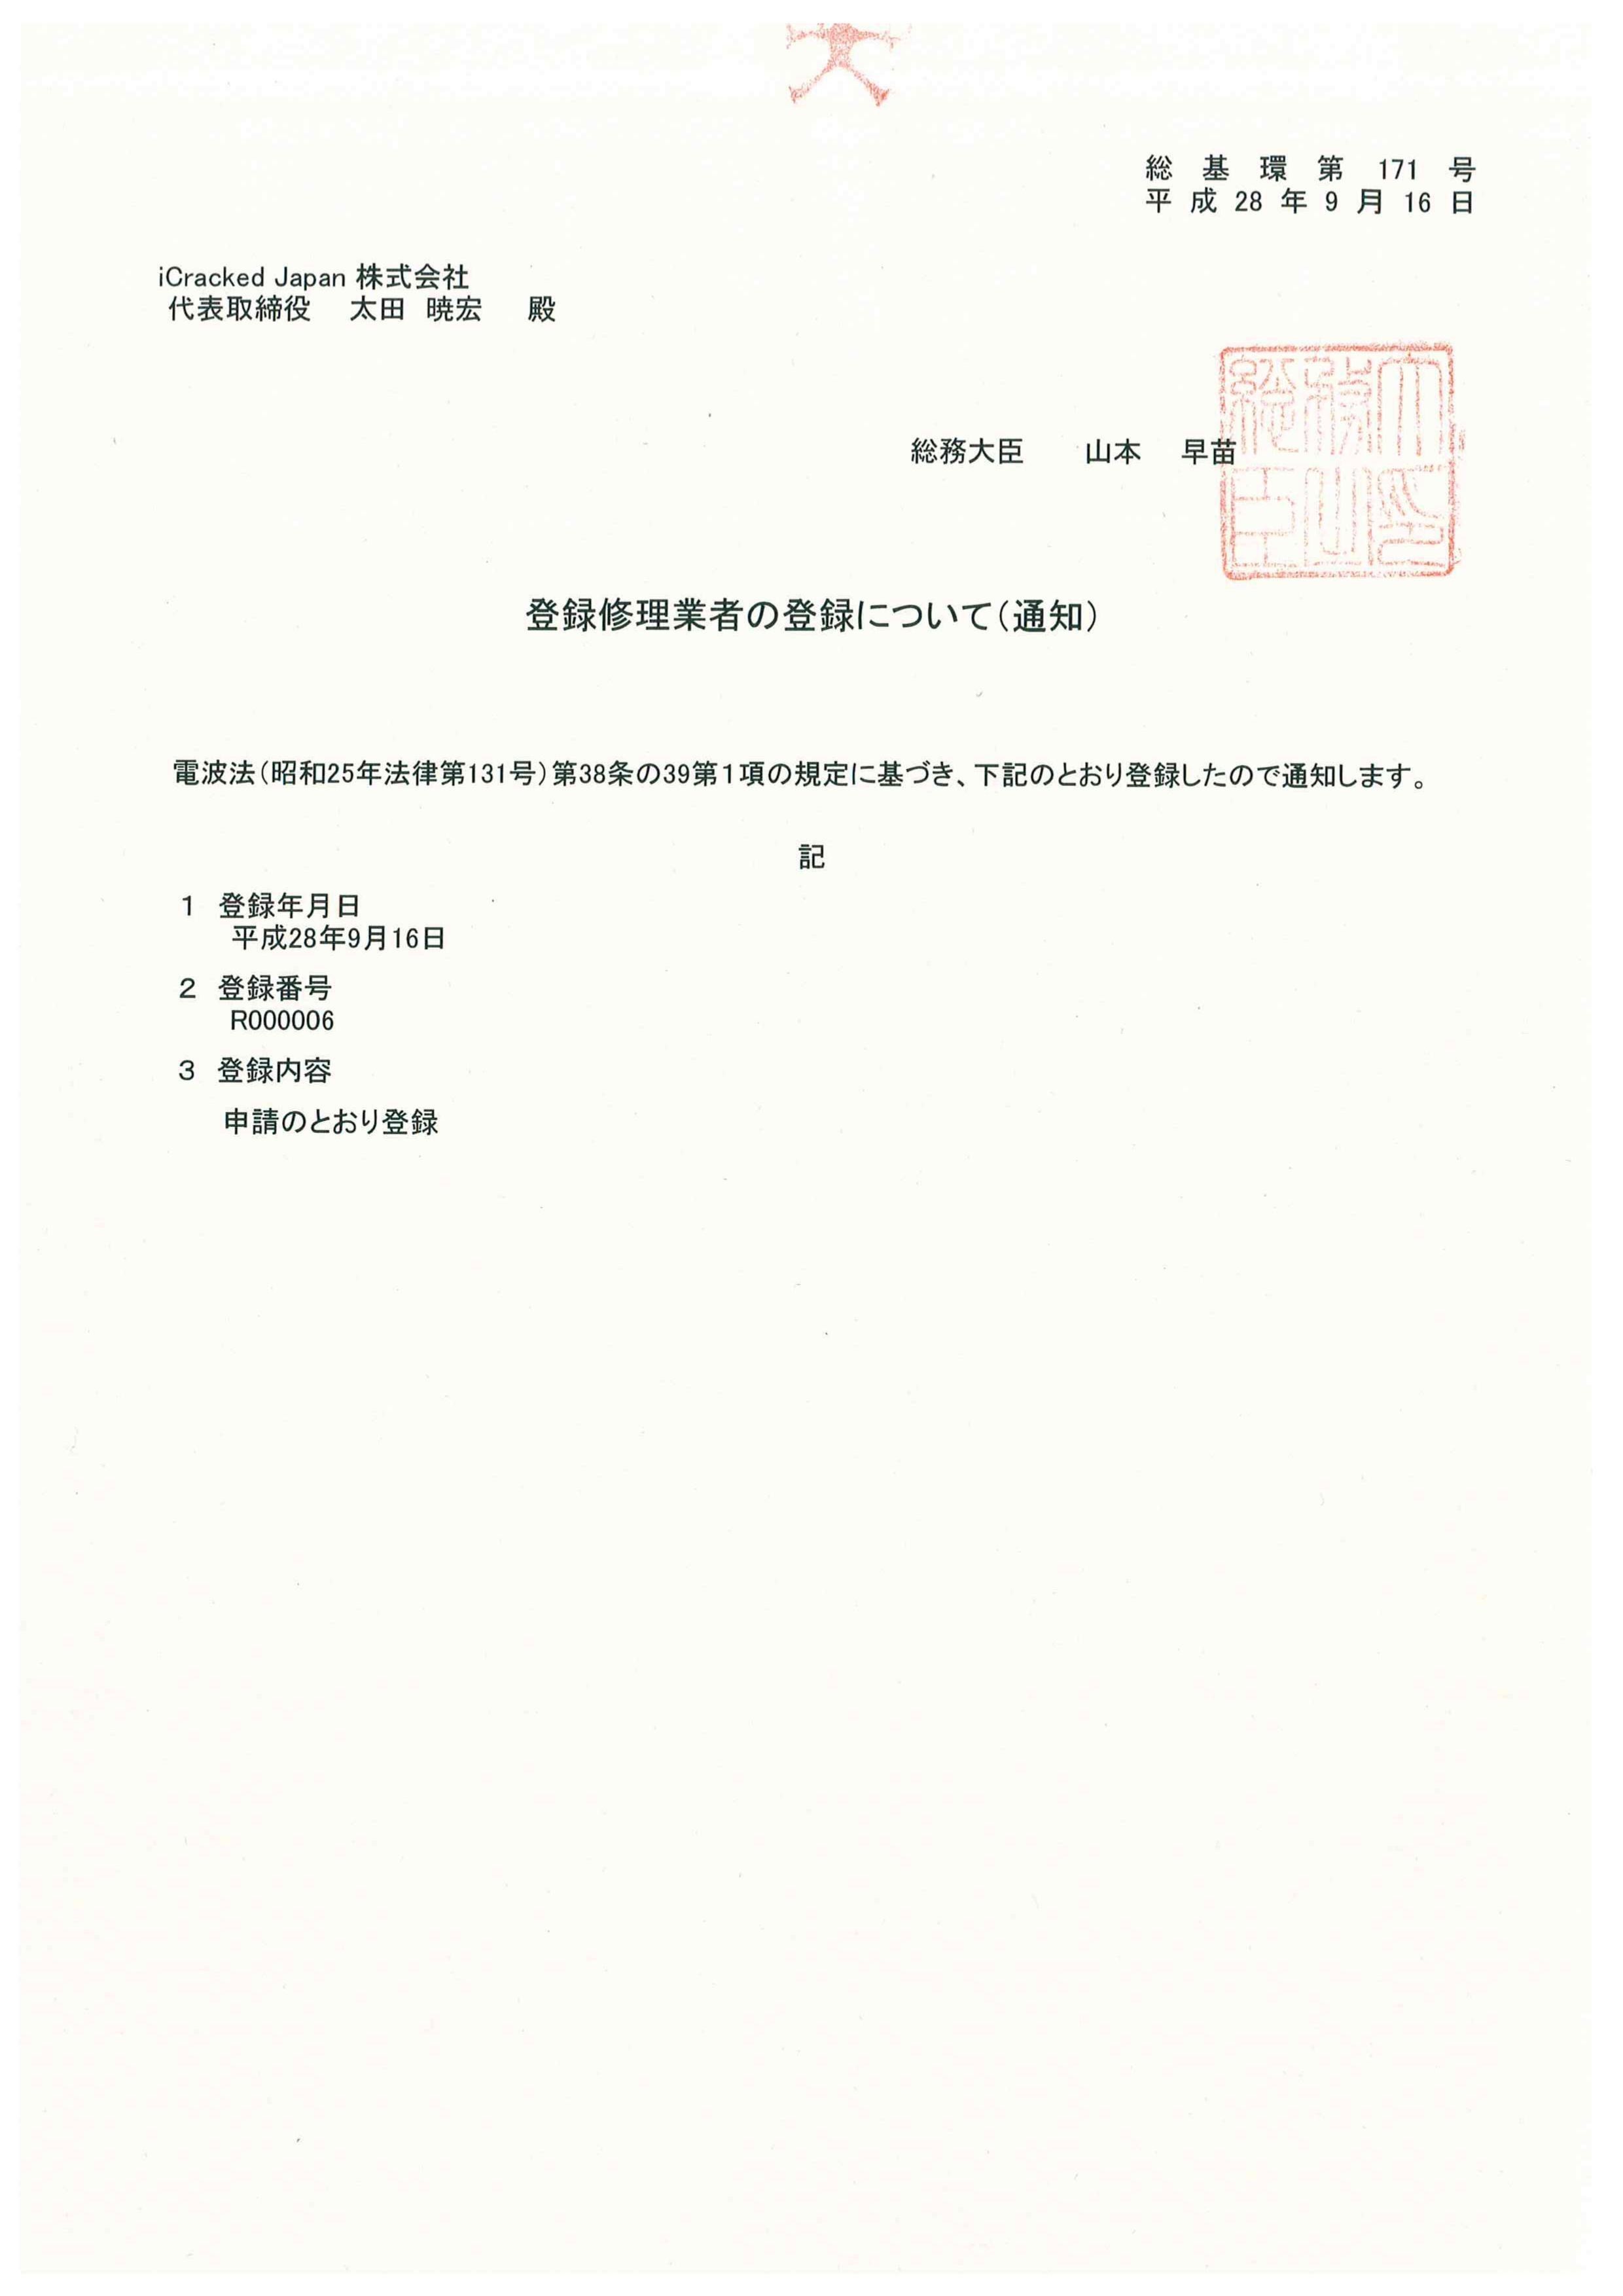 登録修理業者の登録について(通知)